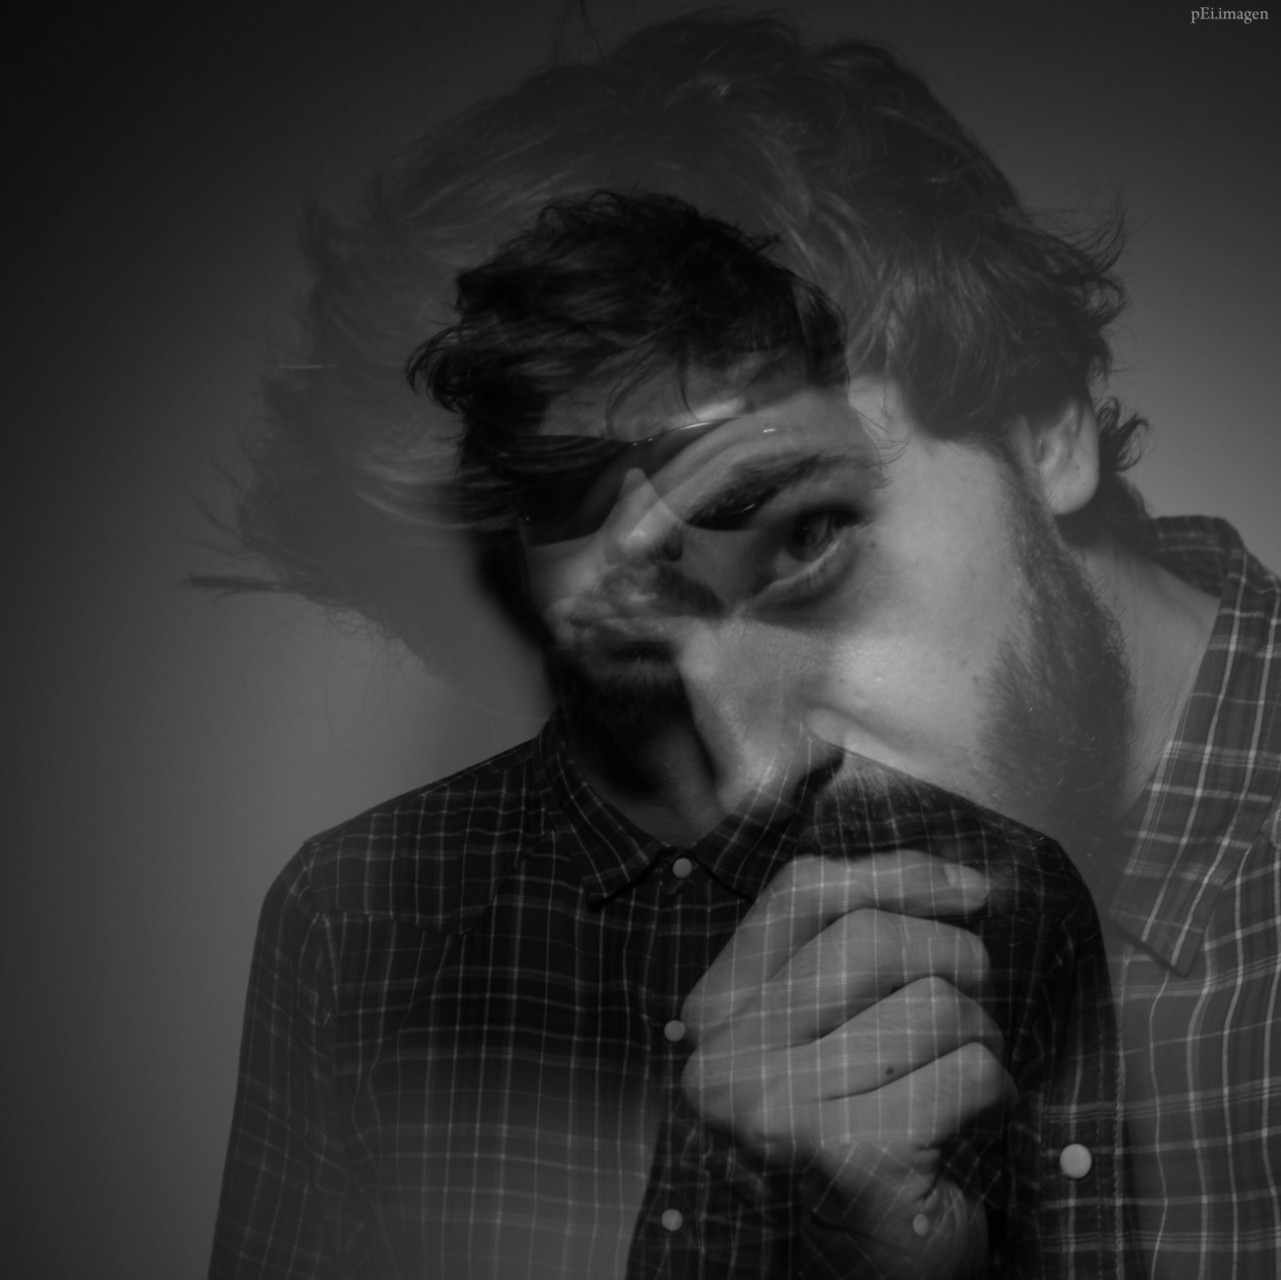 peipegata me myself I proyectos fotografia peipegatafotografia # 111 Abel Garcia Perez